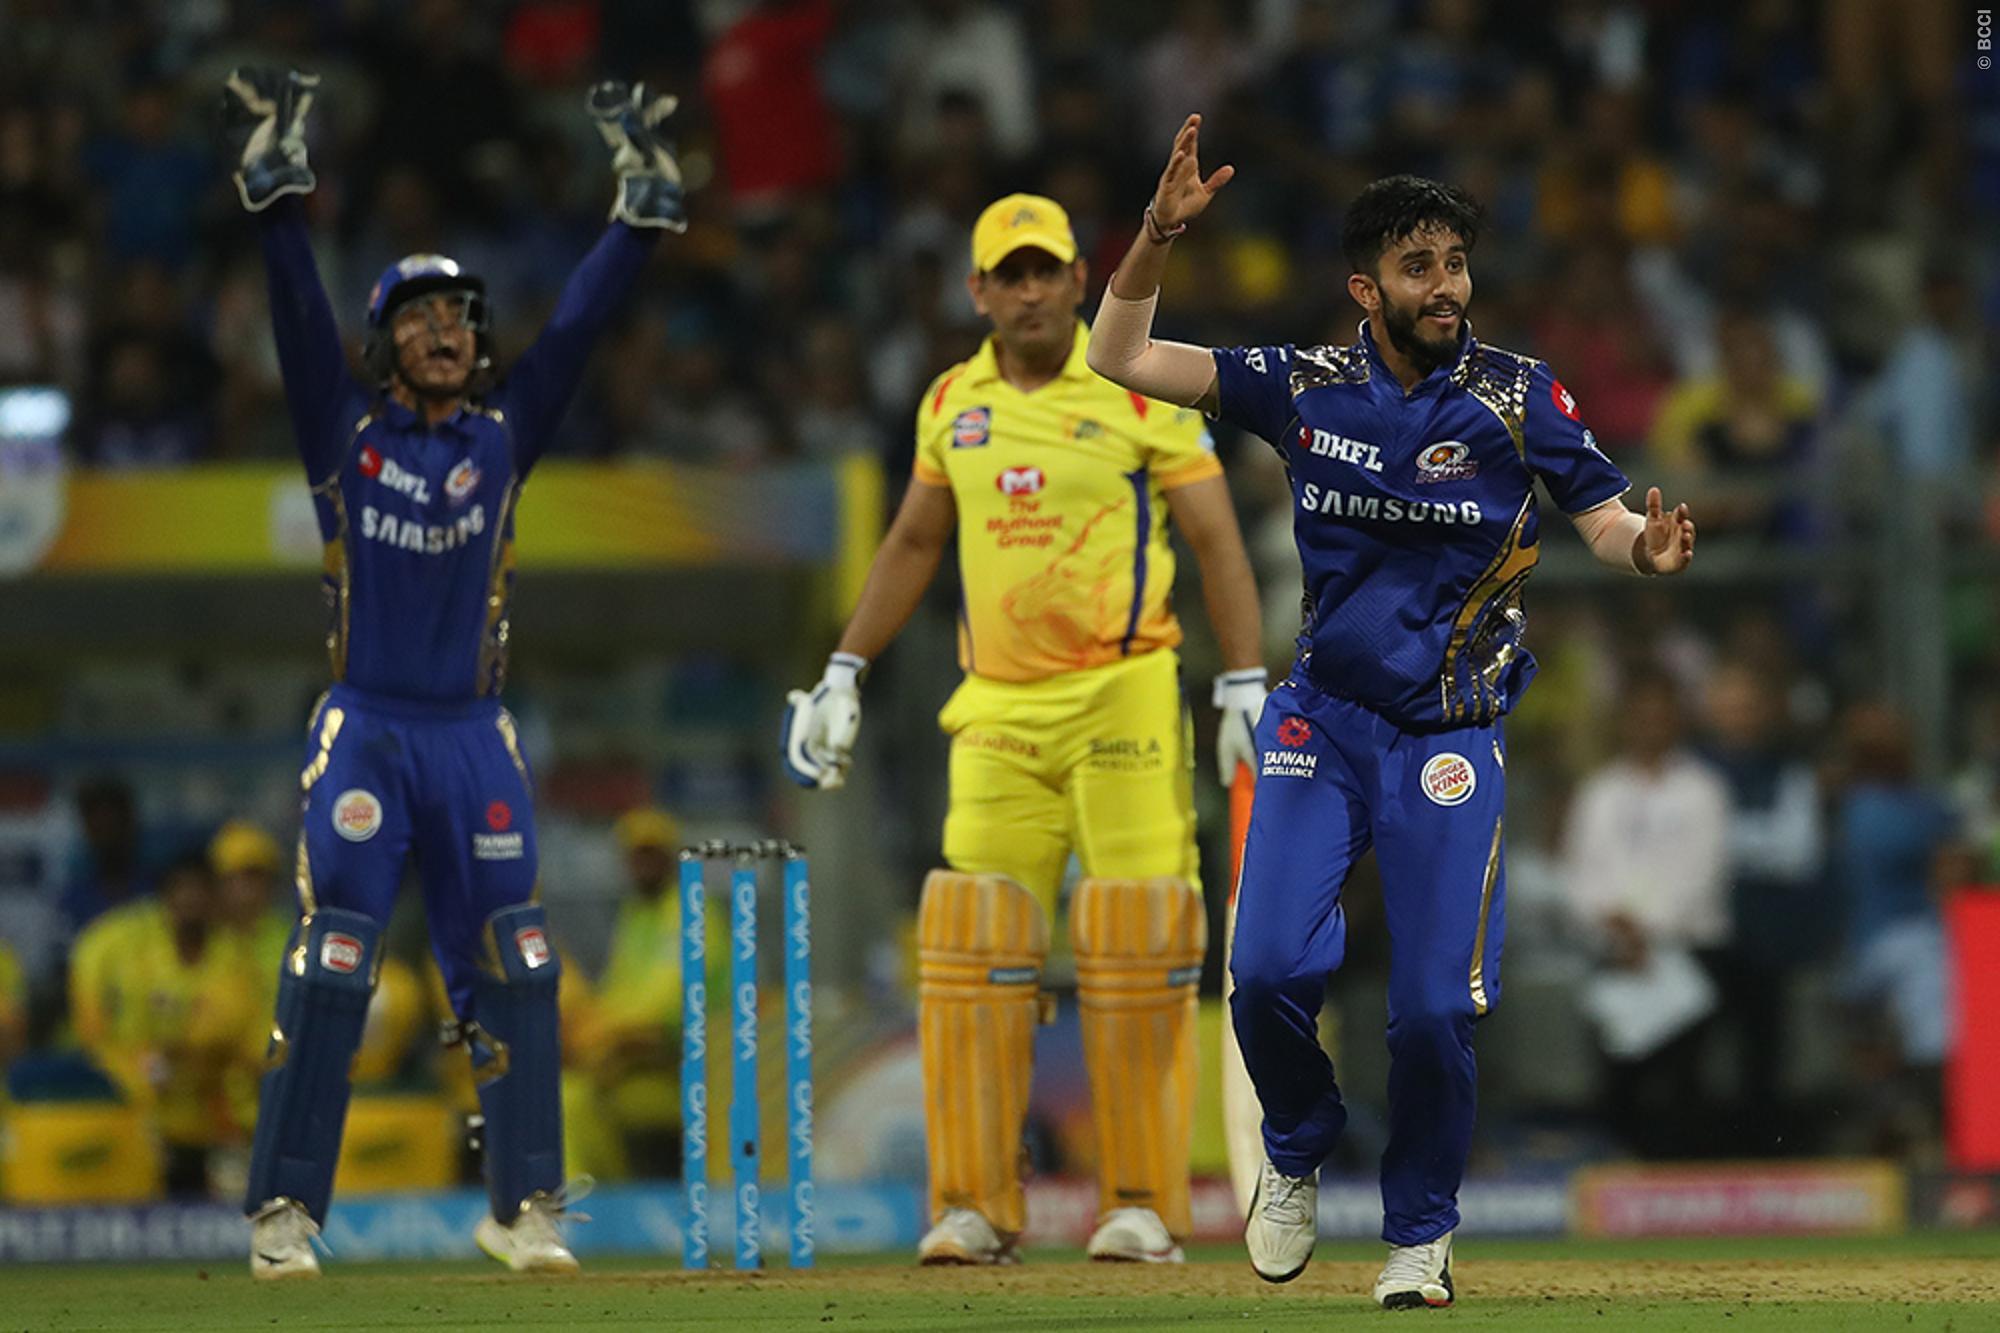 मैच रिपोर्ट: रोहित शर्मा की इस छोटी सी गलती की वजह से अंतिम ओवर में जीता हुआ मैच गंवा बैठी मुंबई इंडियंस 21